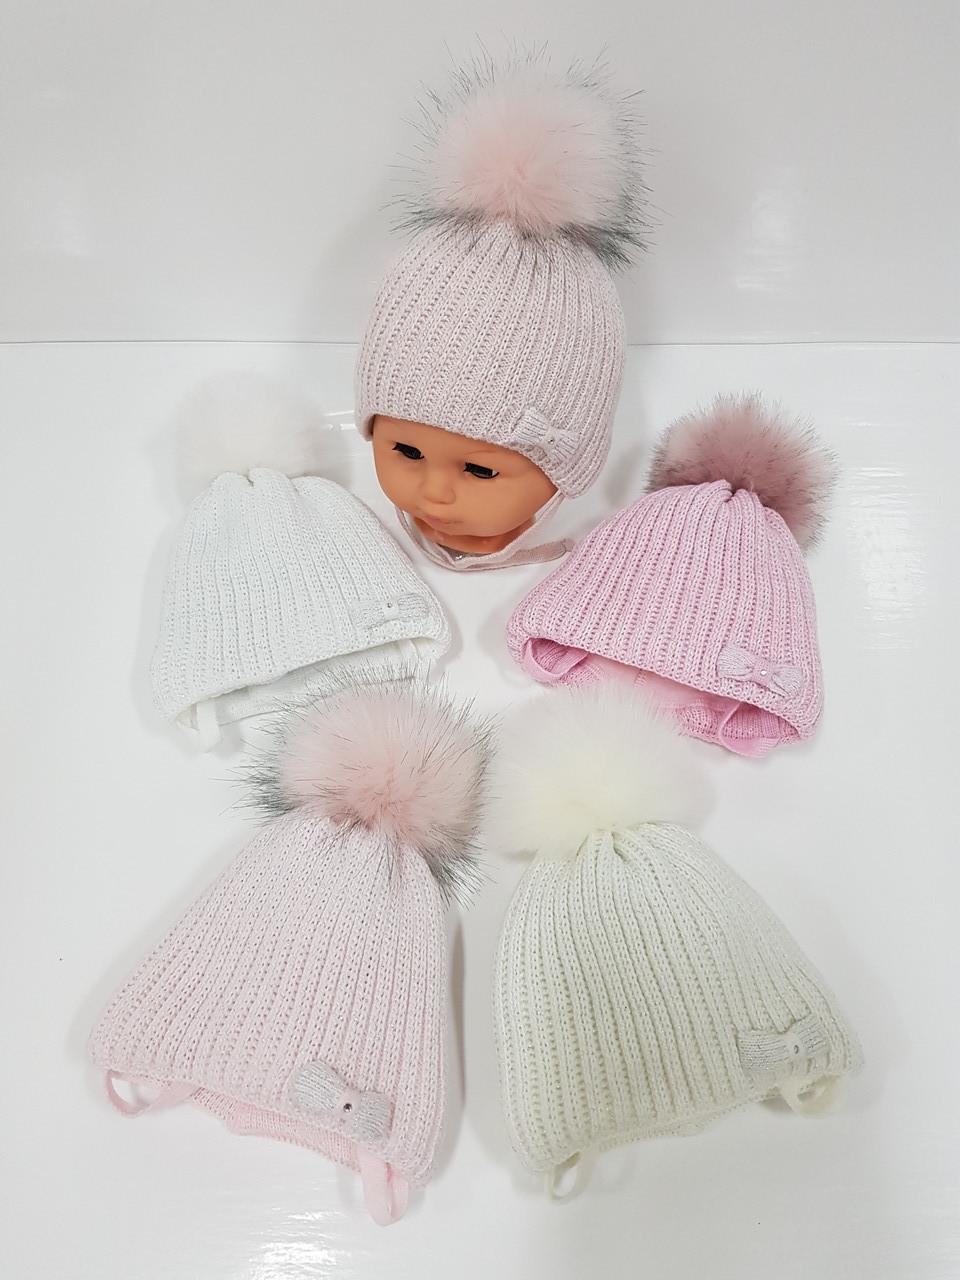 Детские утепленные вязаные шапки оптом с завязками и помпоном для девочек, р.36-38, Grans (Польша)